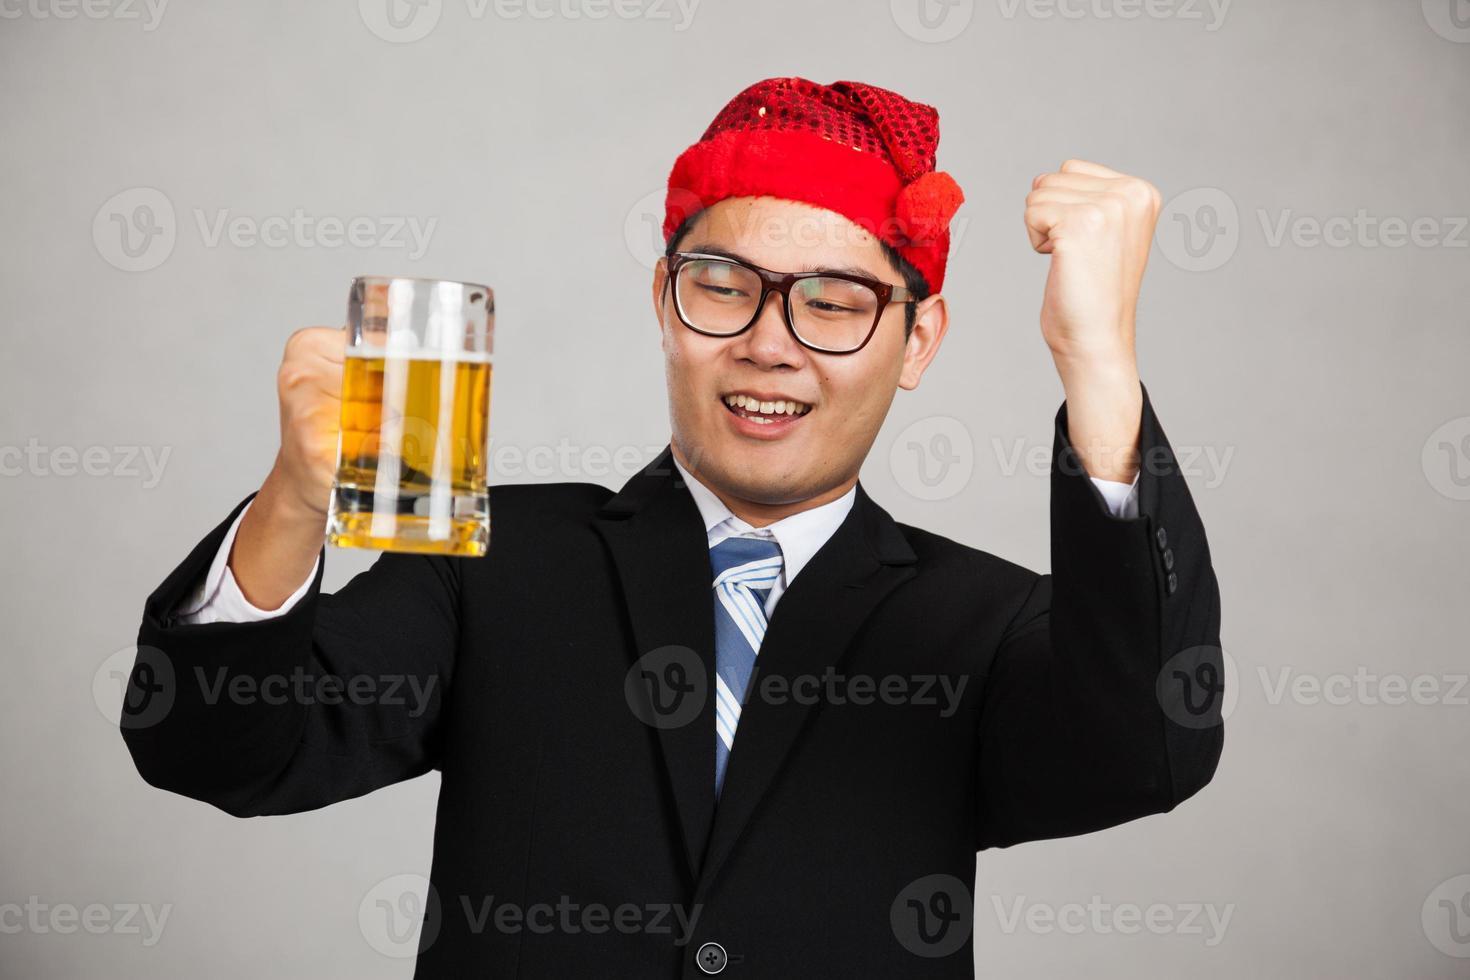 glücklicher asiatischer Geschäftsmann mit Partyhut betrinkt sich mit Bier foto